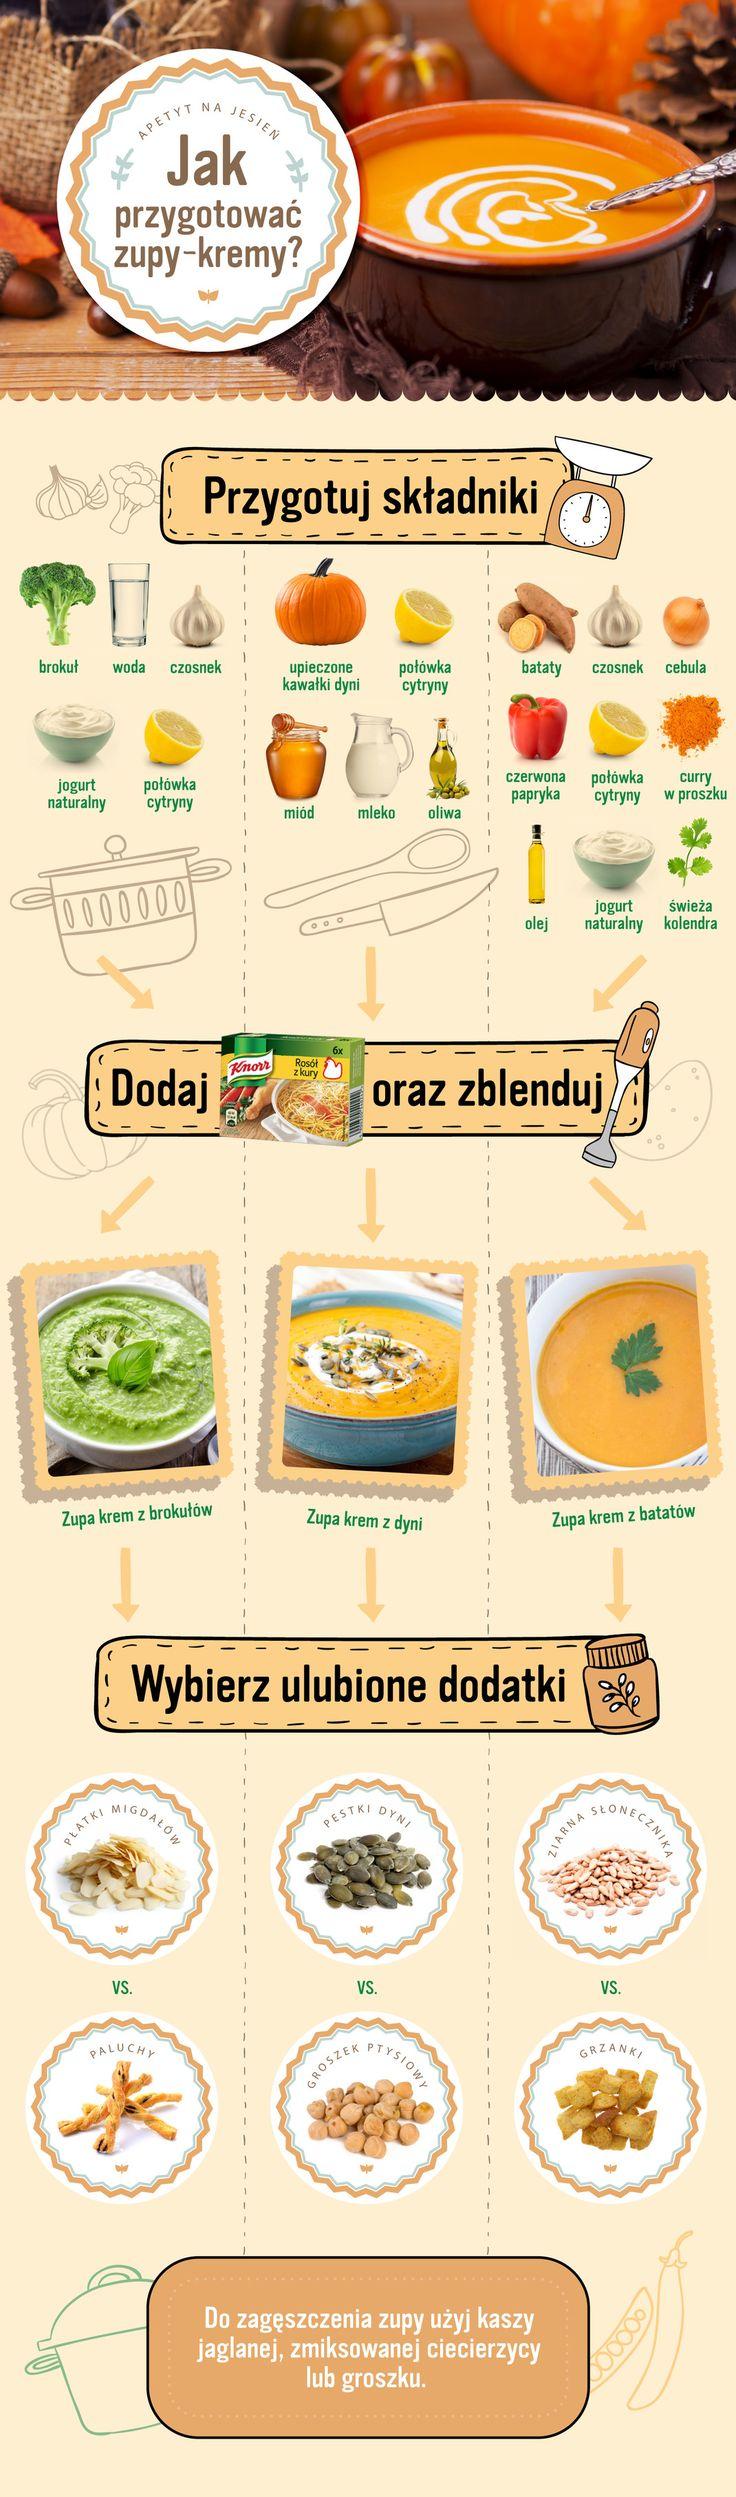 Jak przygotować zupy kremy? #soup #infographic #autumn